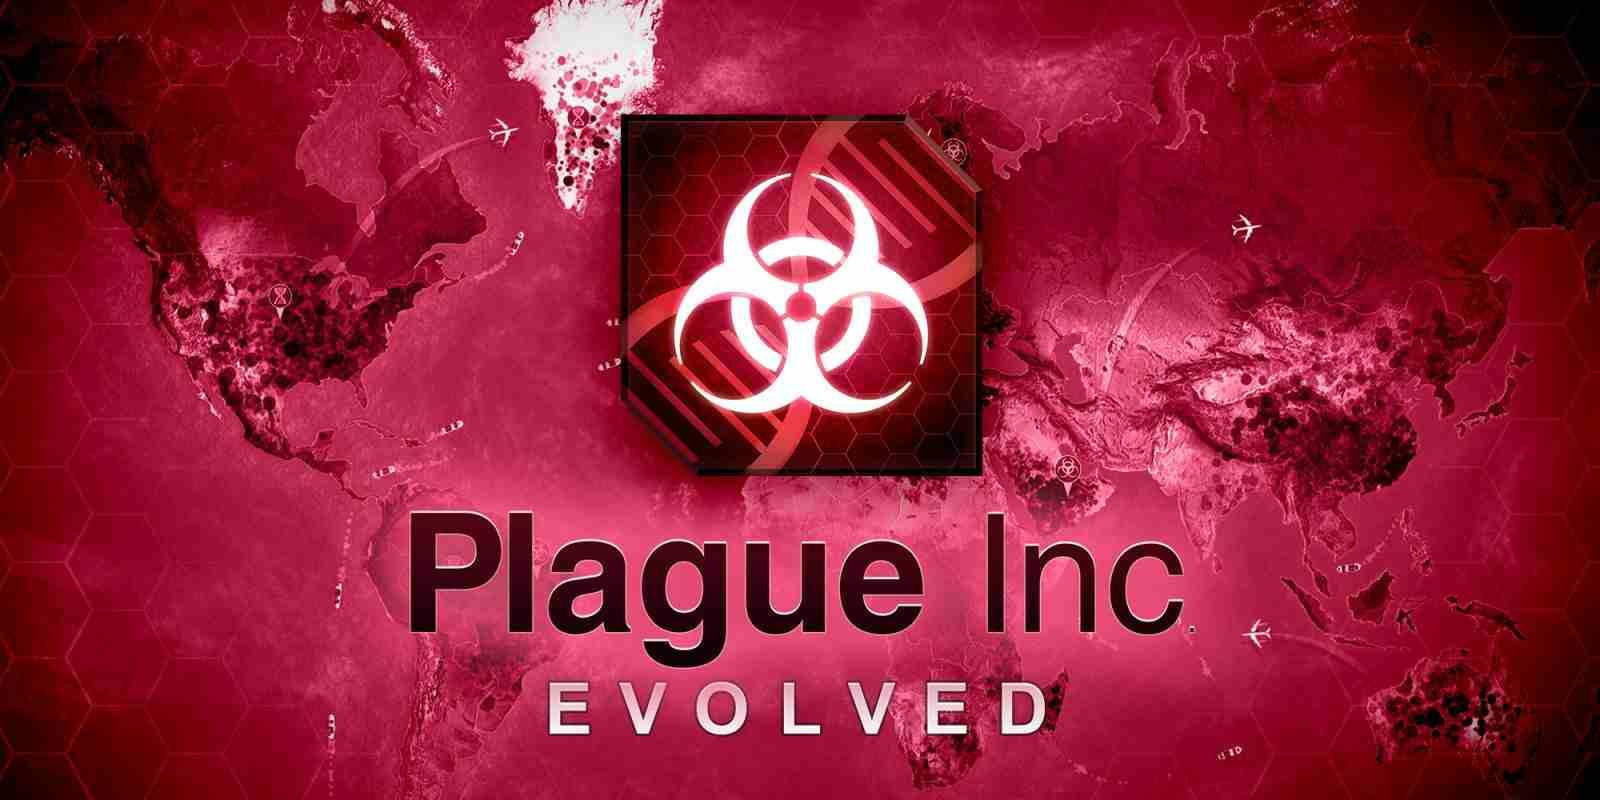 Plague Inc Mod APK 1.18.6 (Vô Hạn DNA, Mở Khóa) (2021) ️ ...